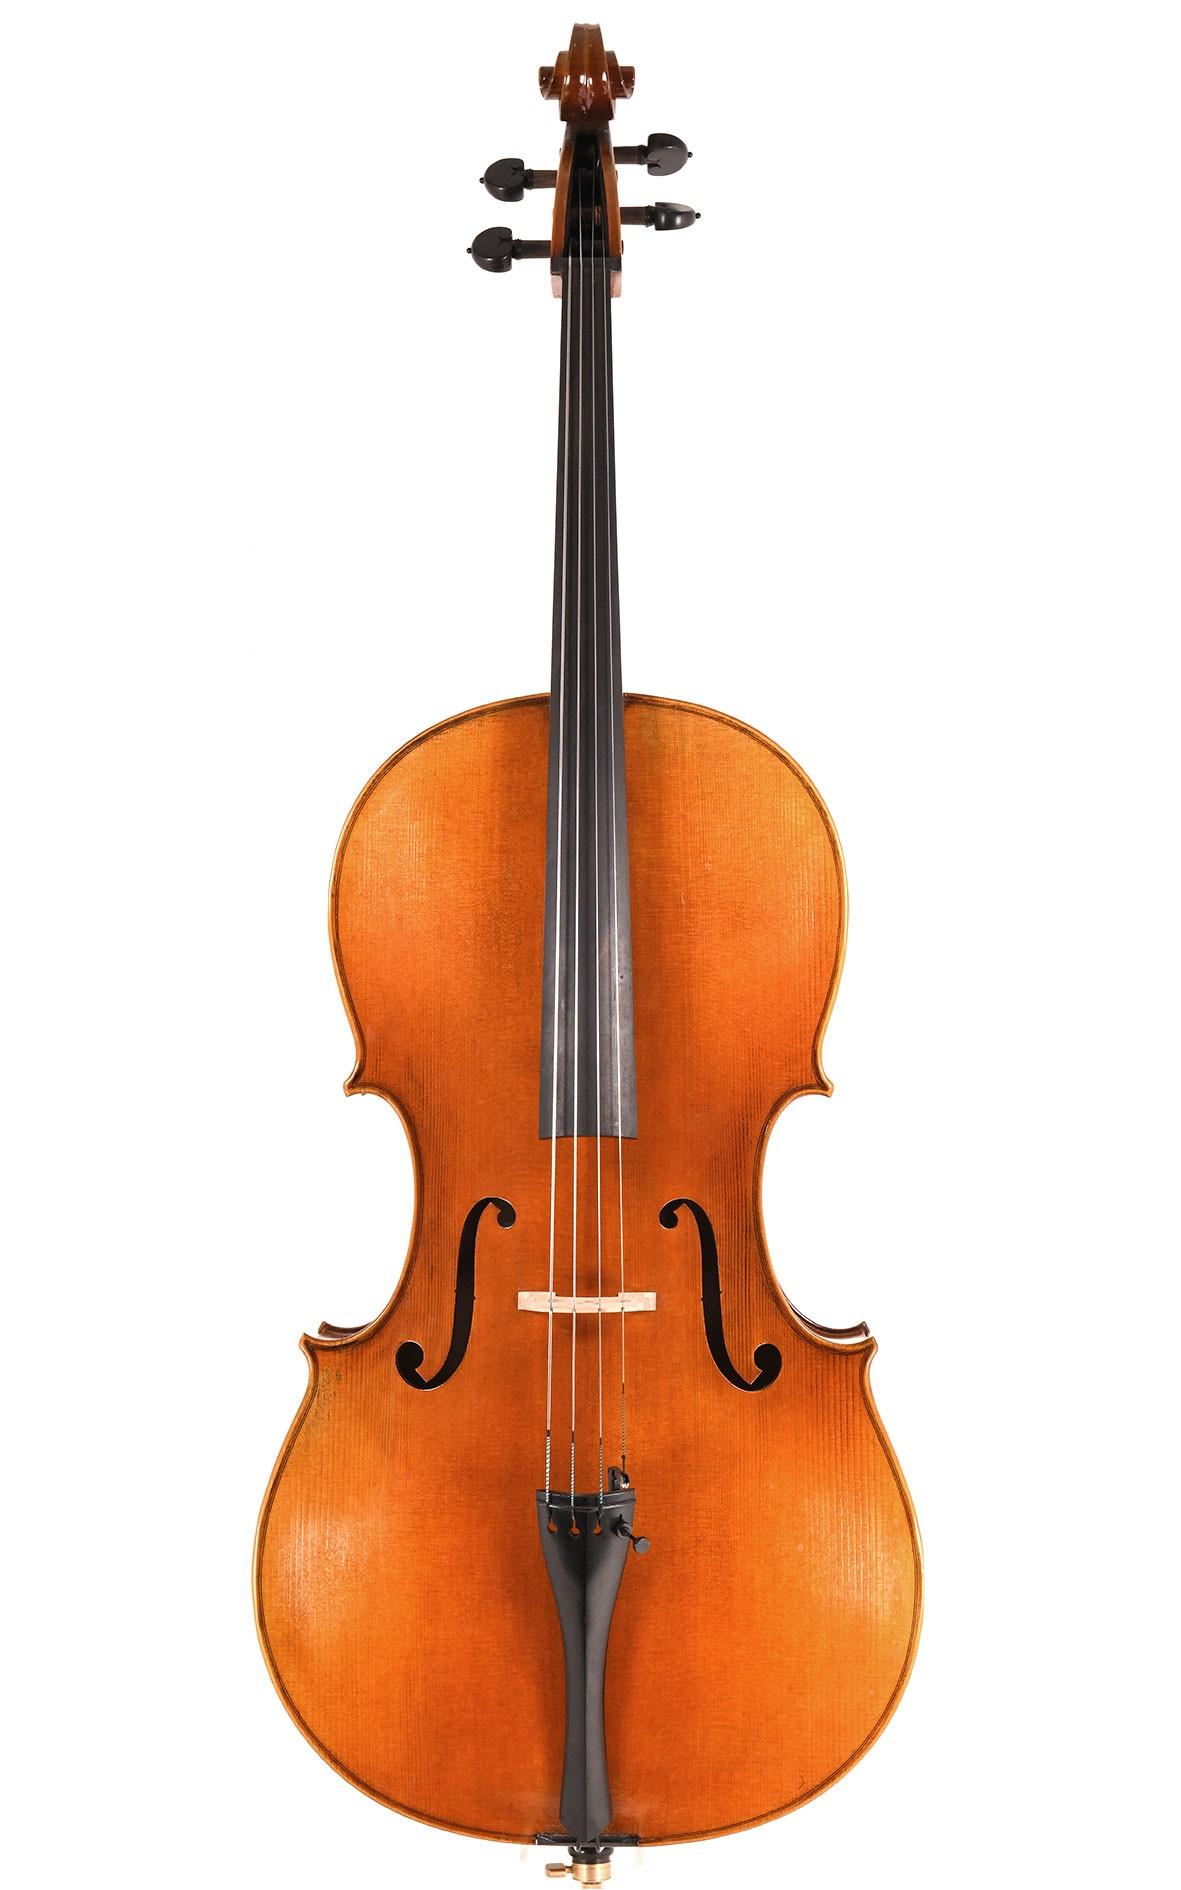 CV Selectio cello opus 23